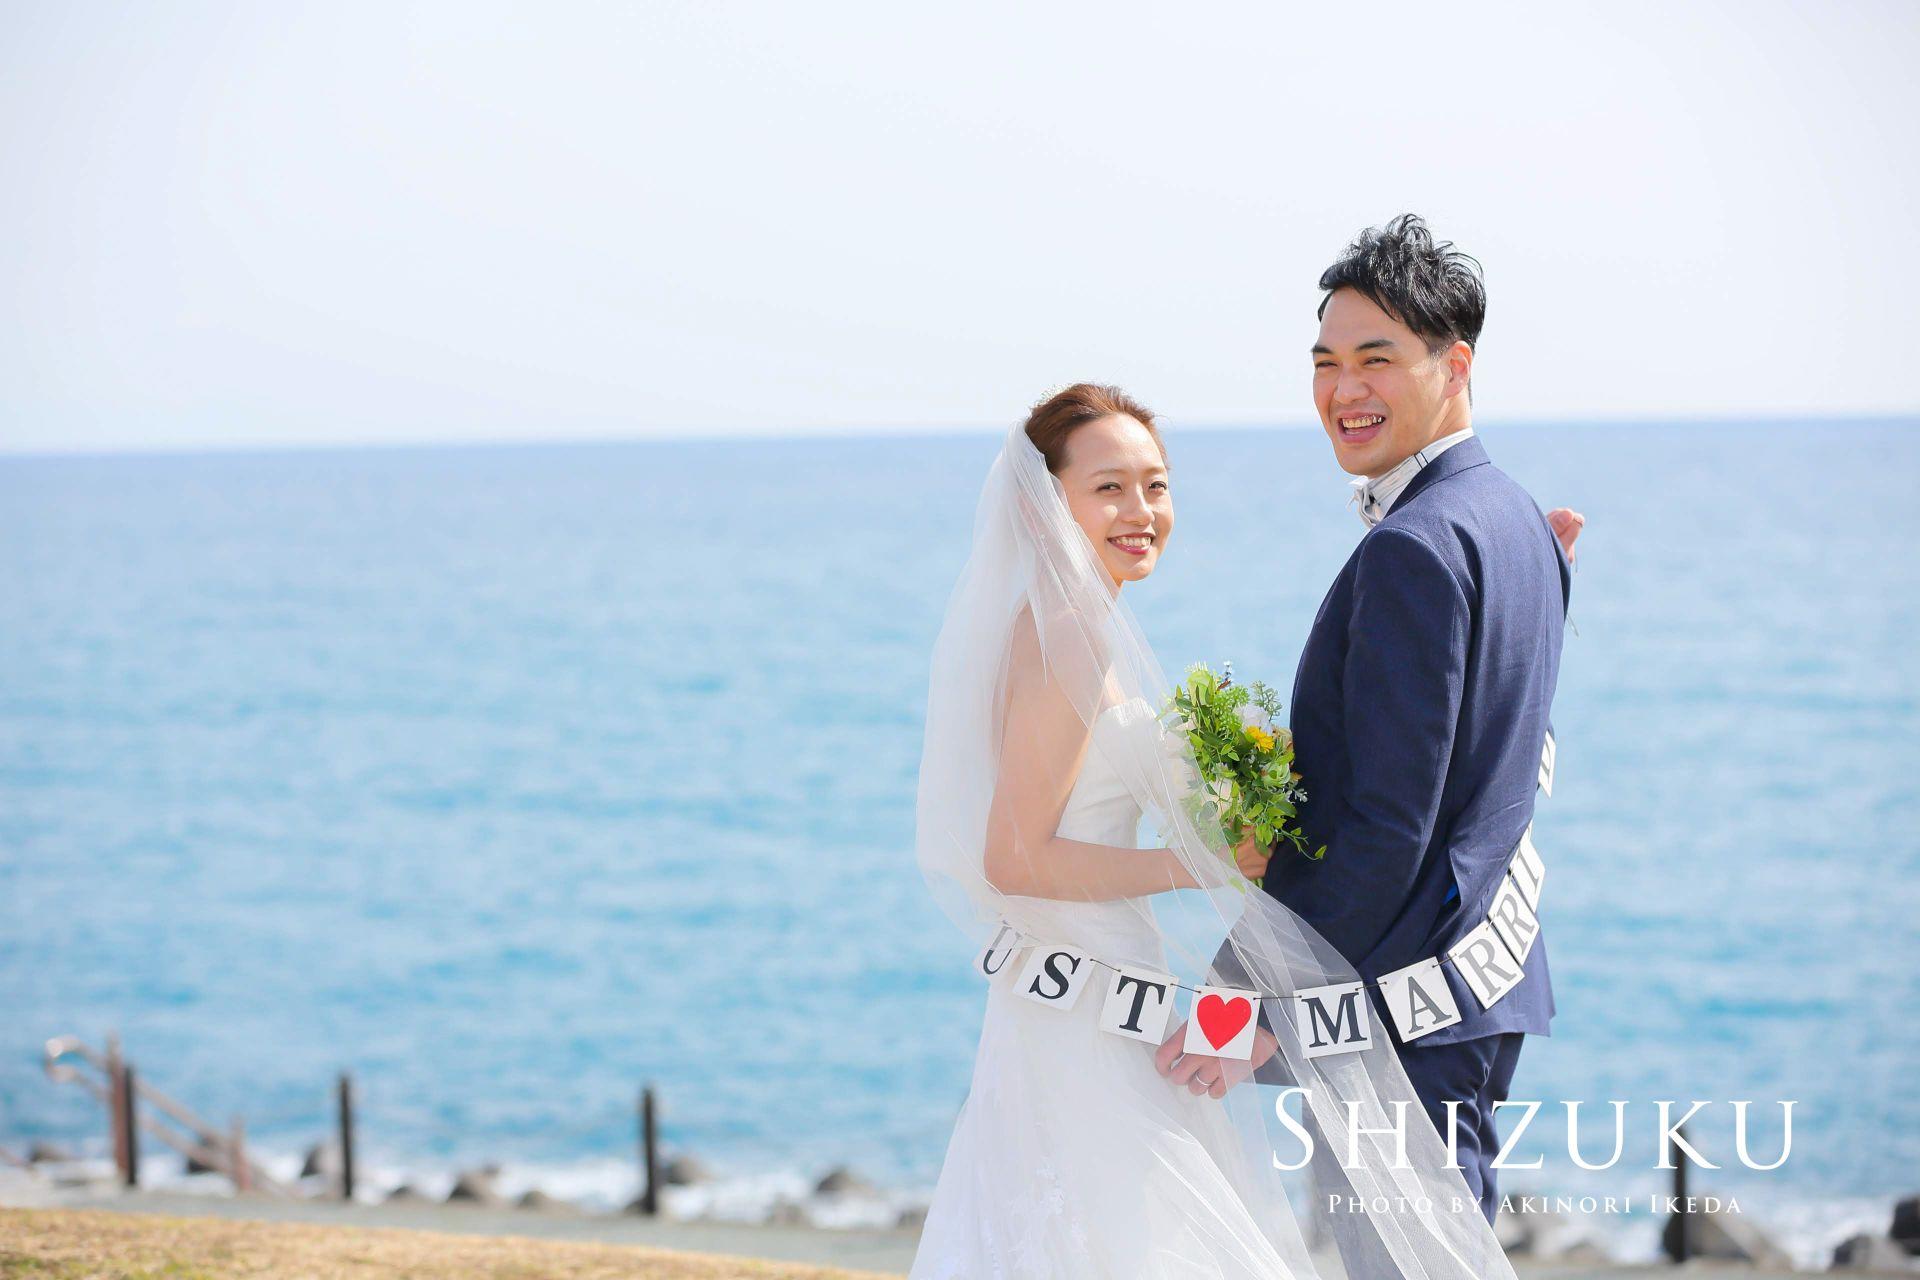 【SHIZUKU】洋装1着ロケプラン120,000円